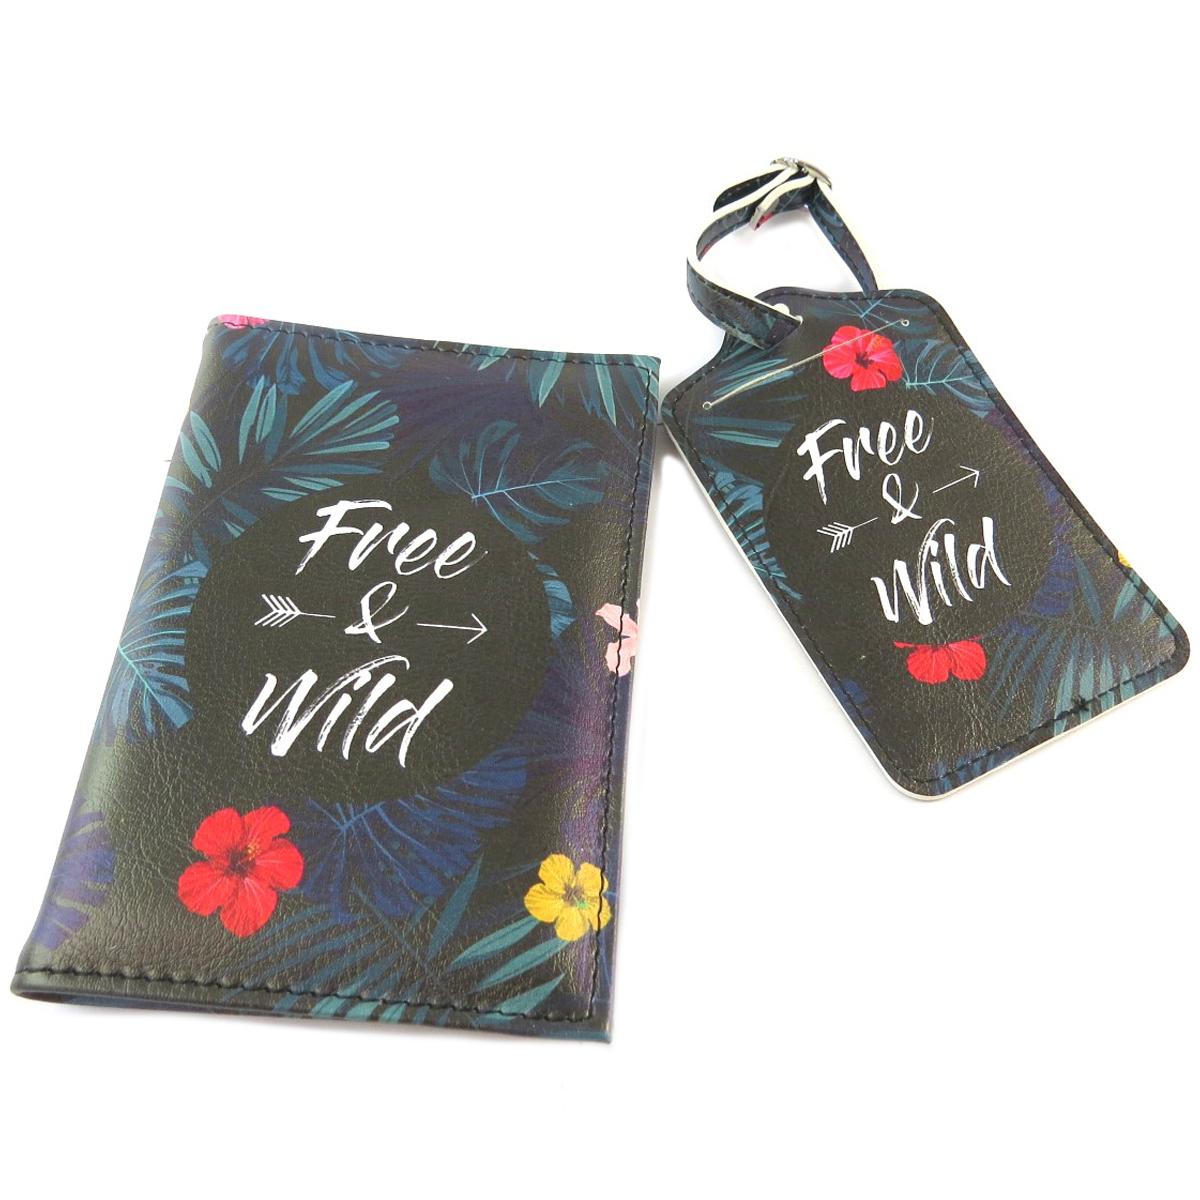 Coffret voyage  (étui passeport, étiquette valise) \'Messages\' noir multicolore (Free & Wild) - [Q0846]